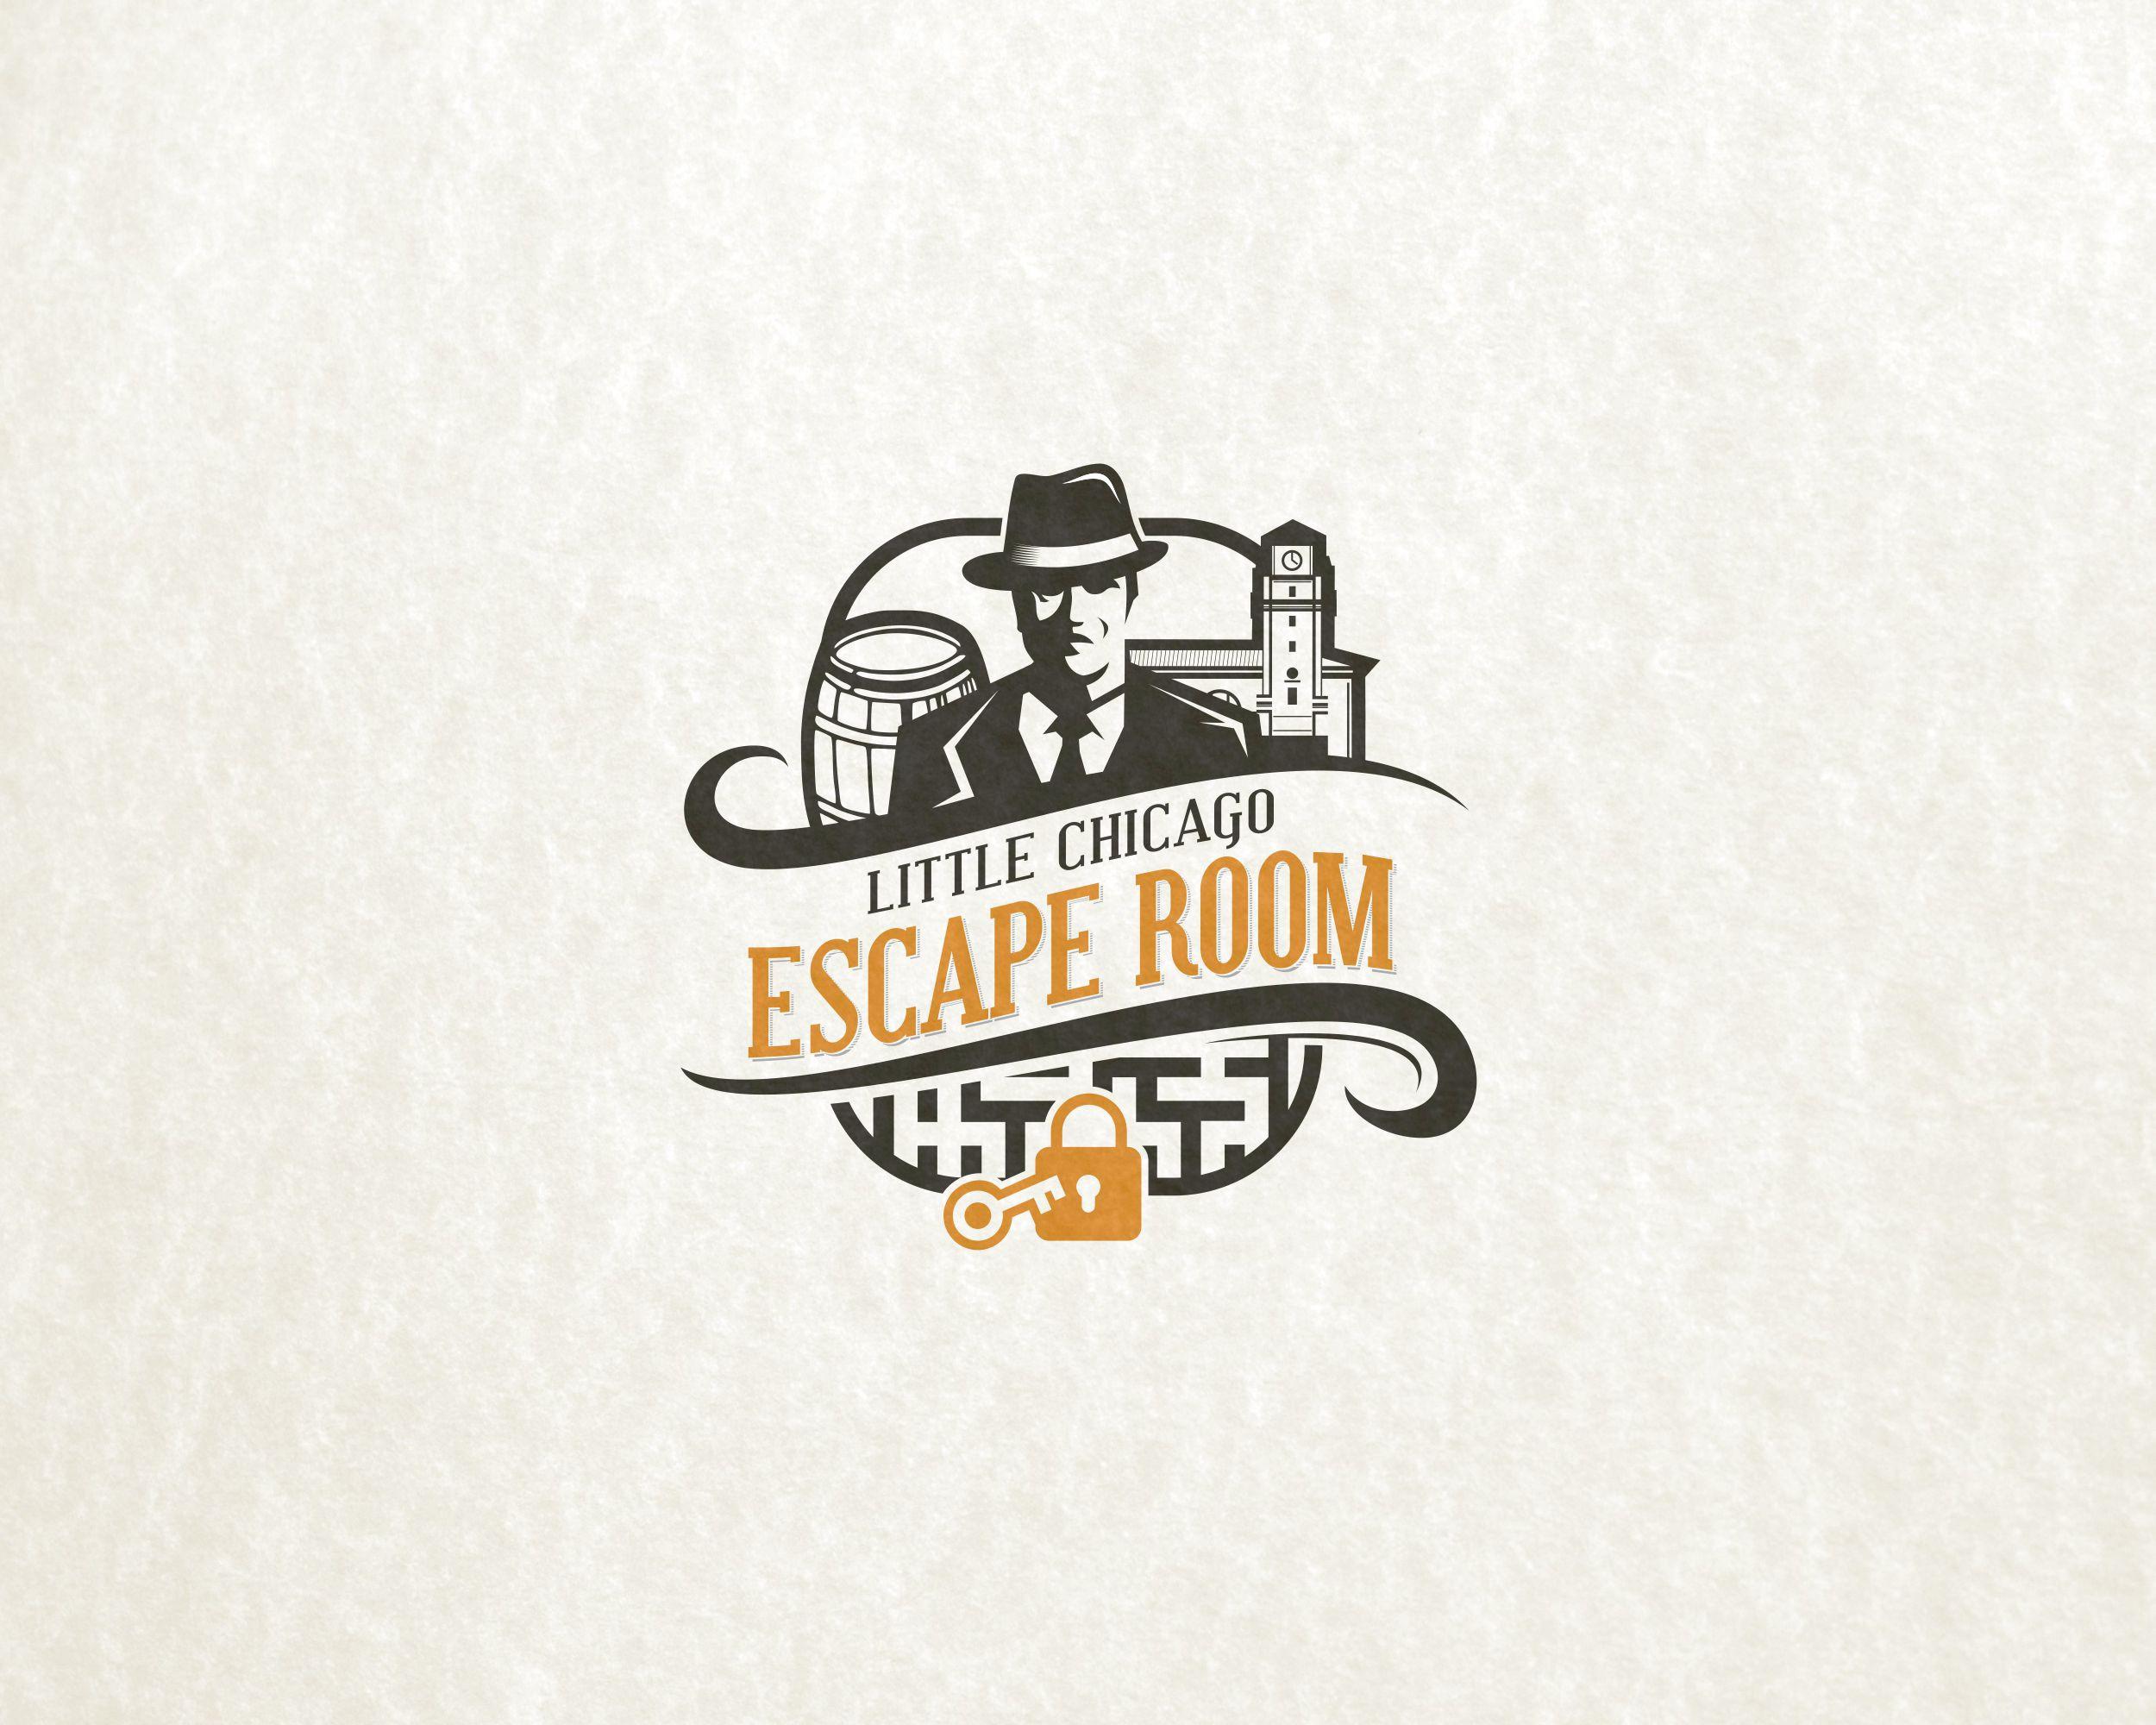 Escape Room needs an electrifying new logo